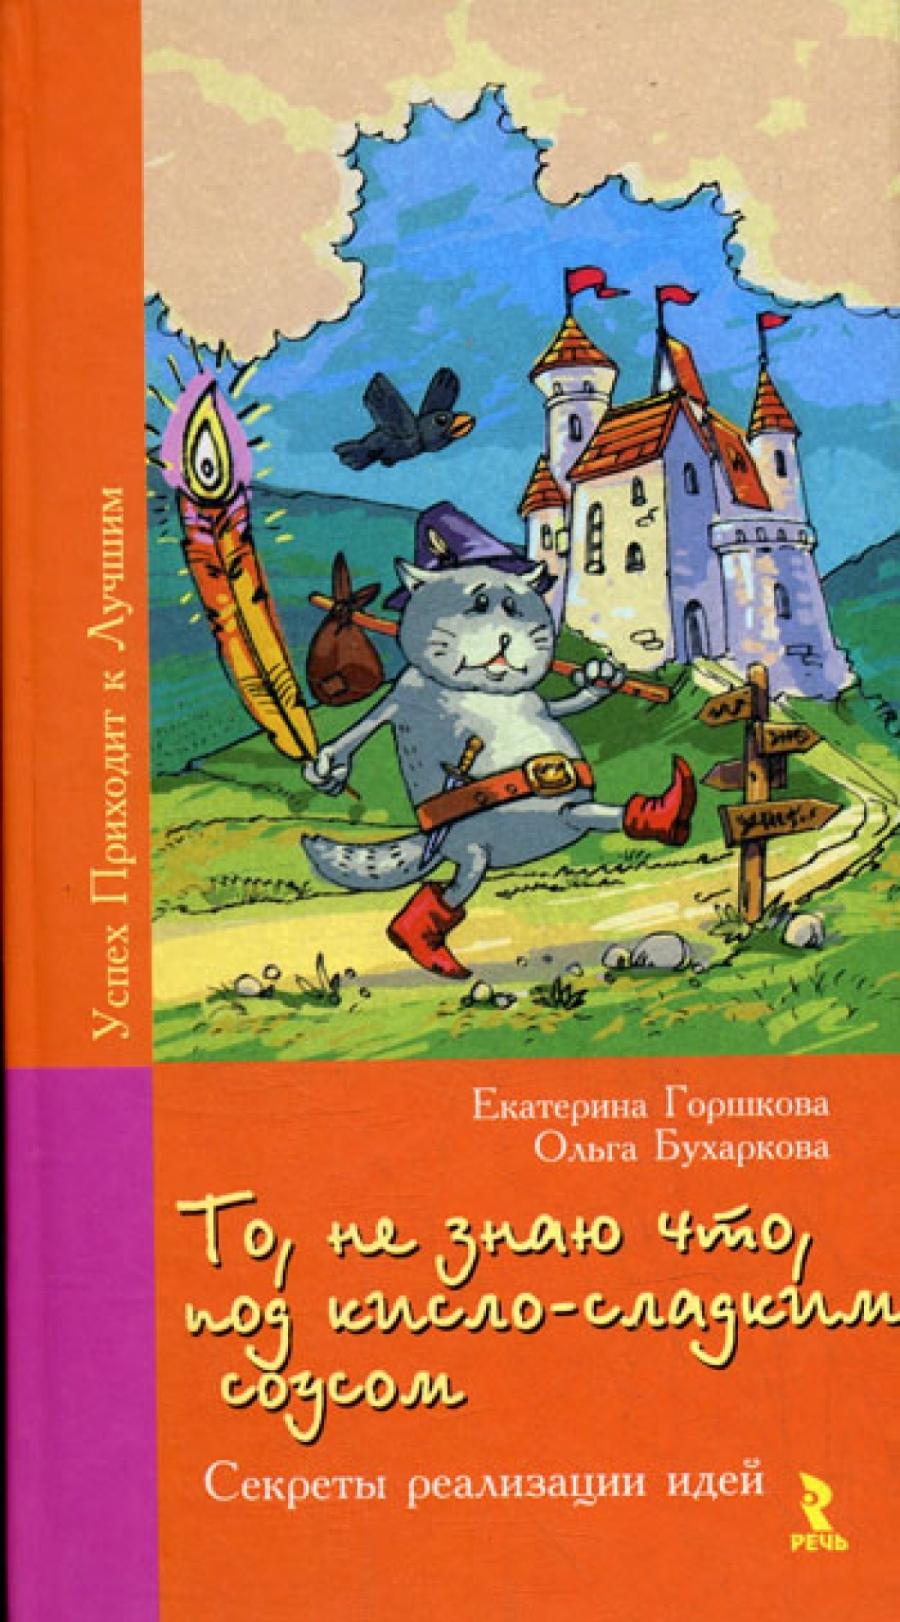 Обложка книги:  горшкова е., бухаркова о. - то, не знаю что, под кисло-сладким соусом. секреты реализации идей